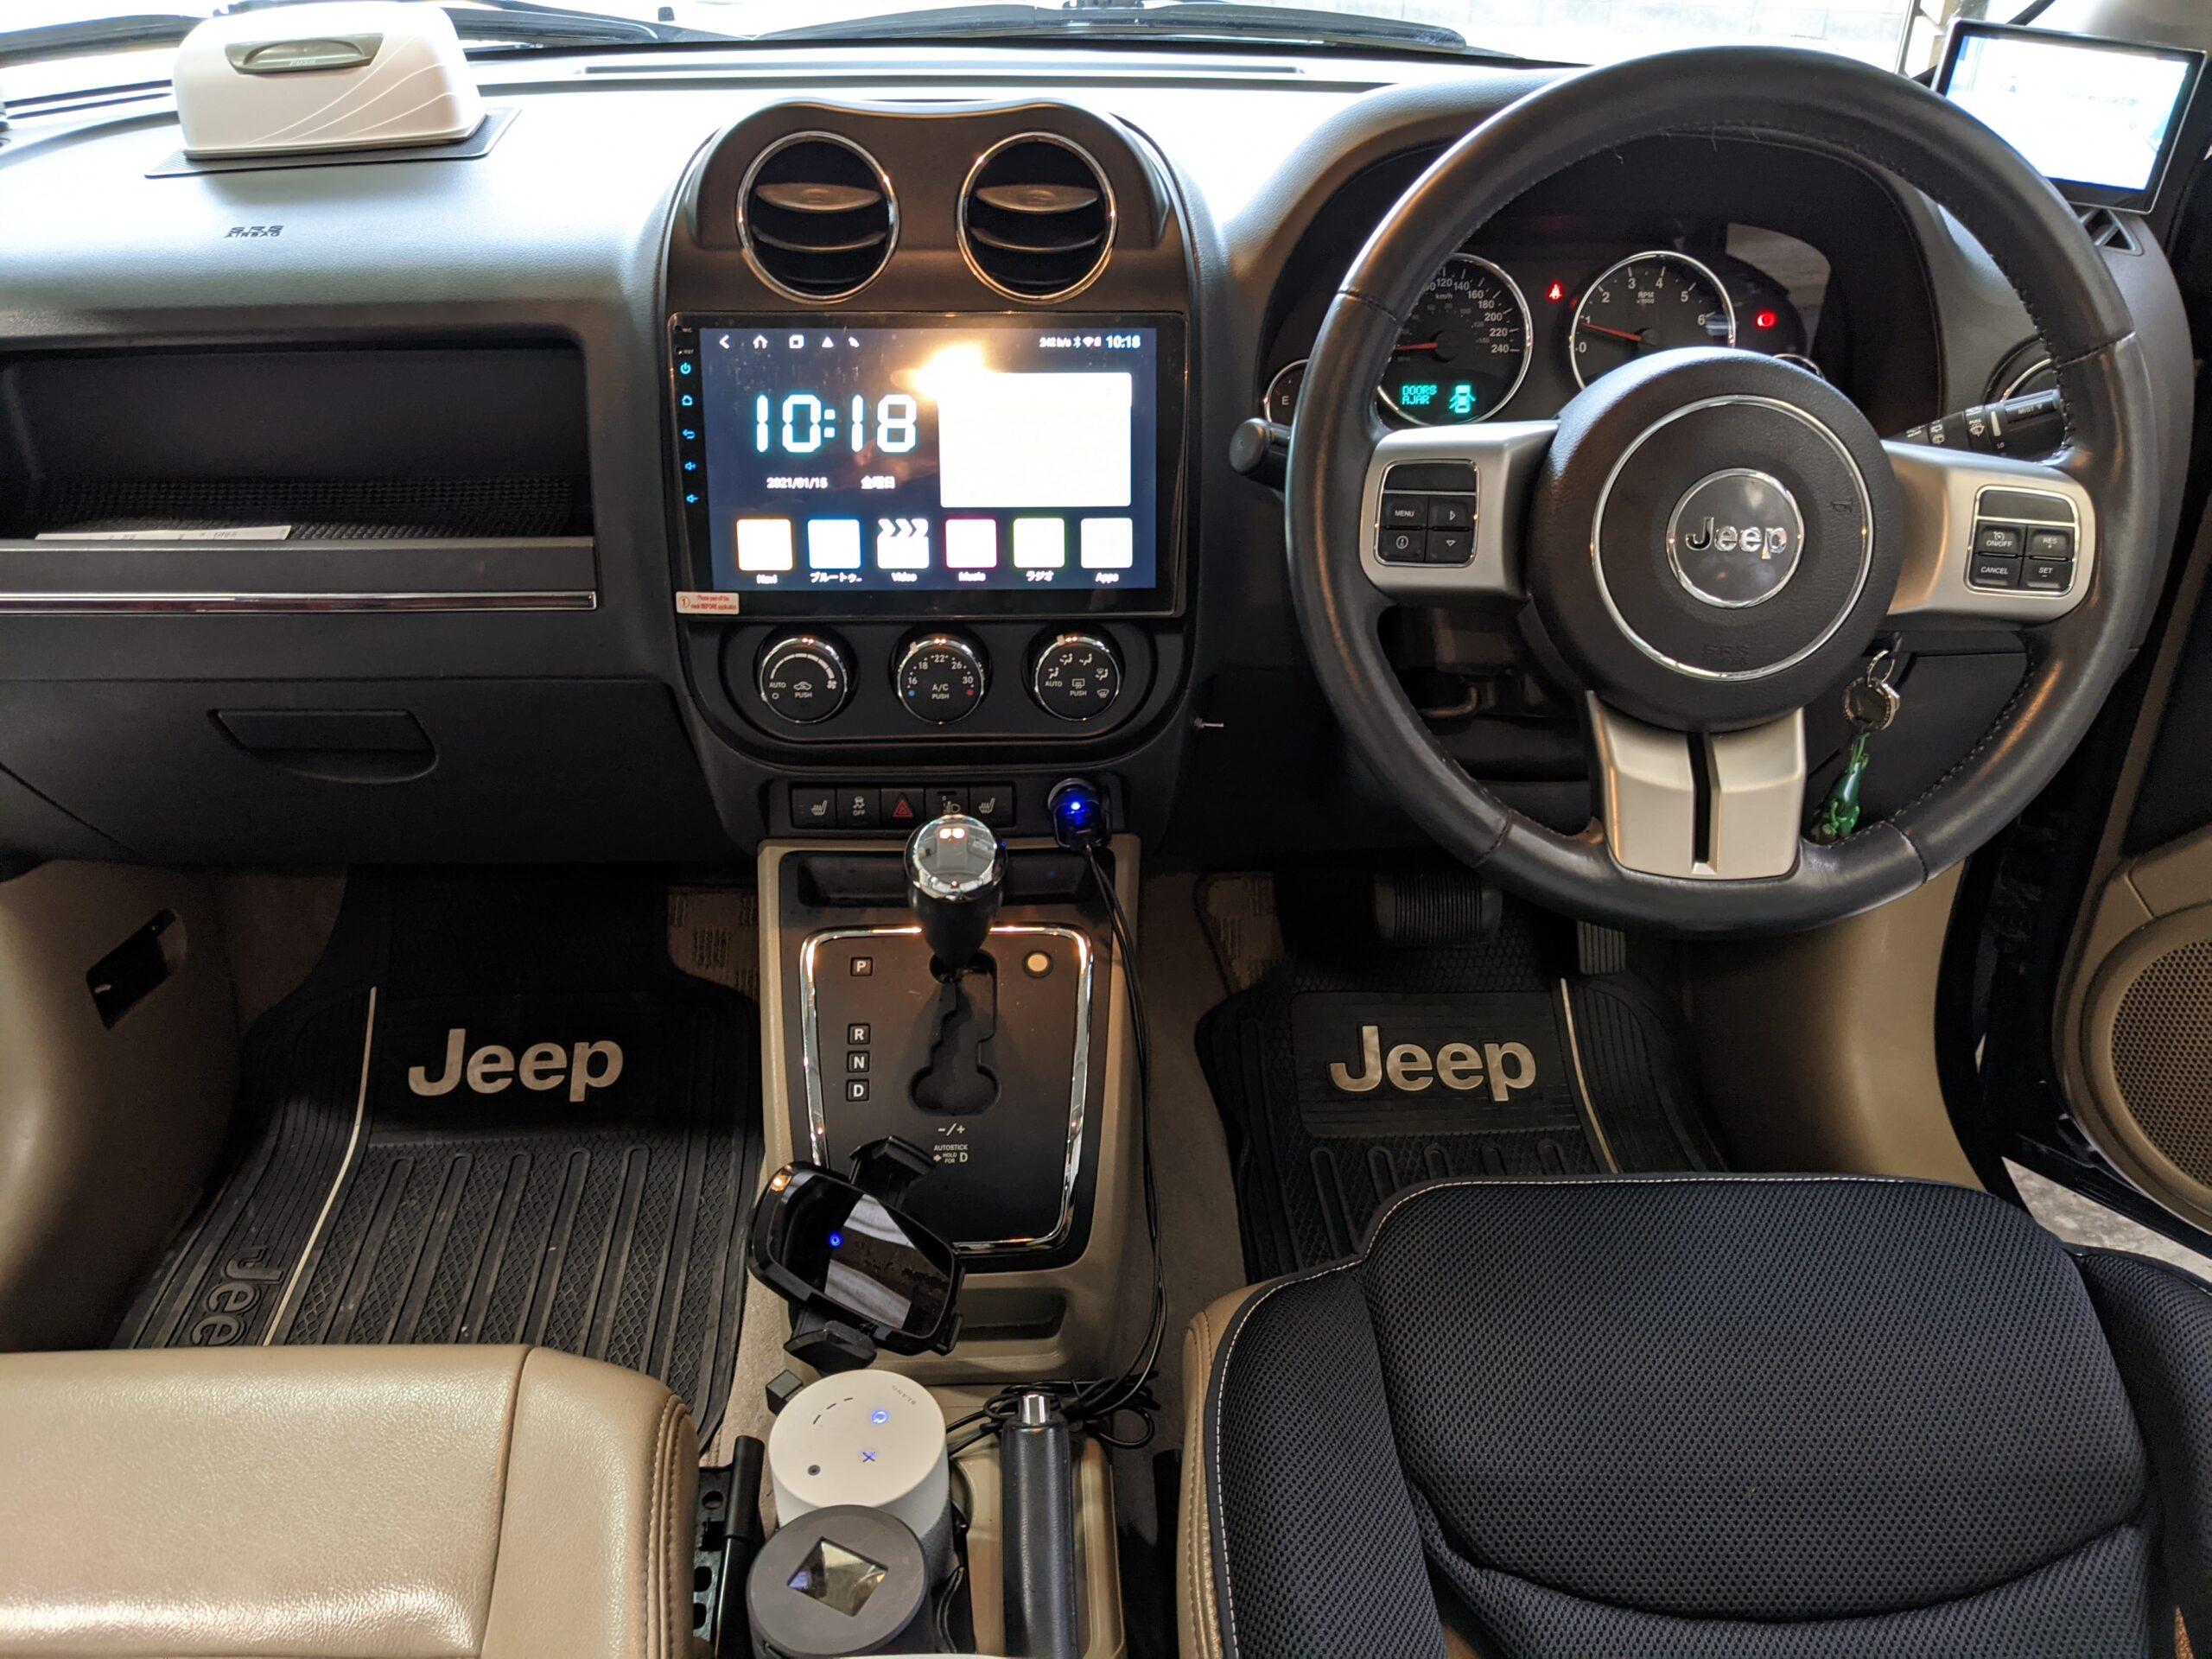 Jeepパトリオットアンドロイドナビ取付け後画像